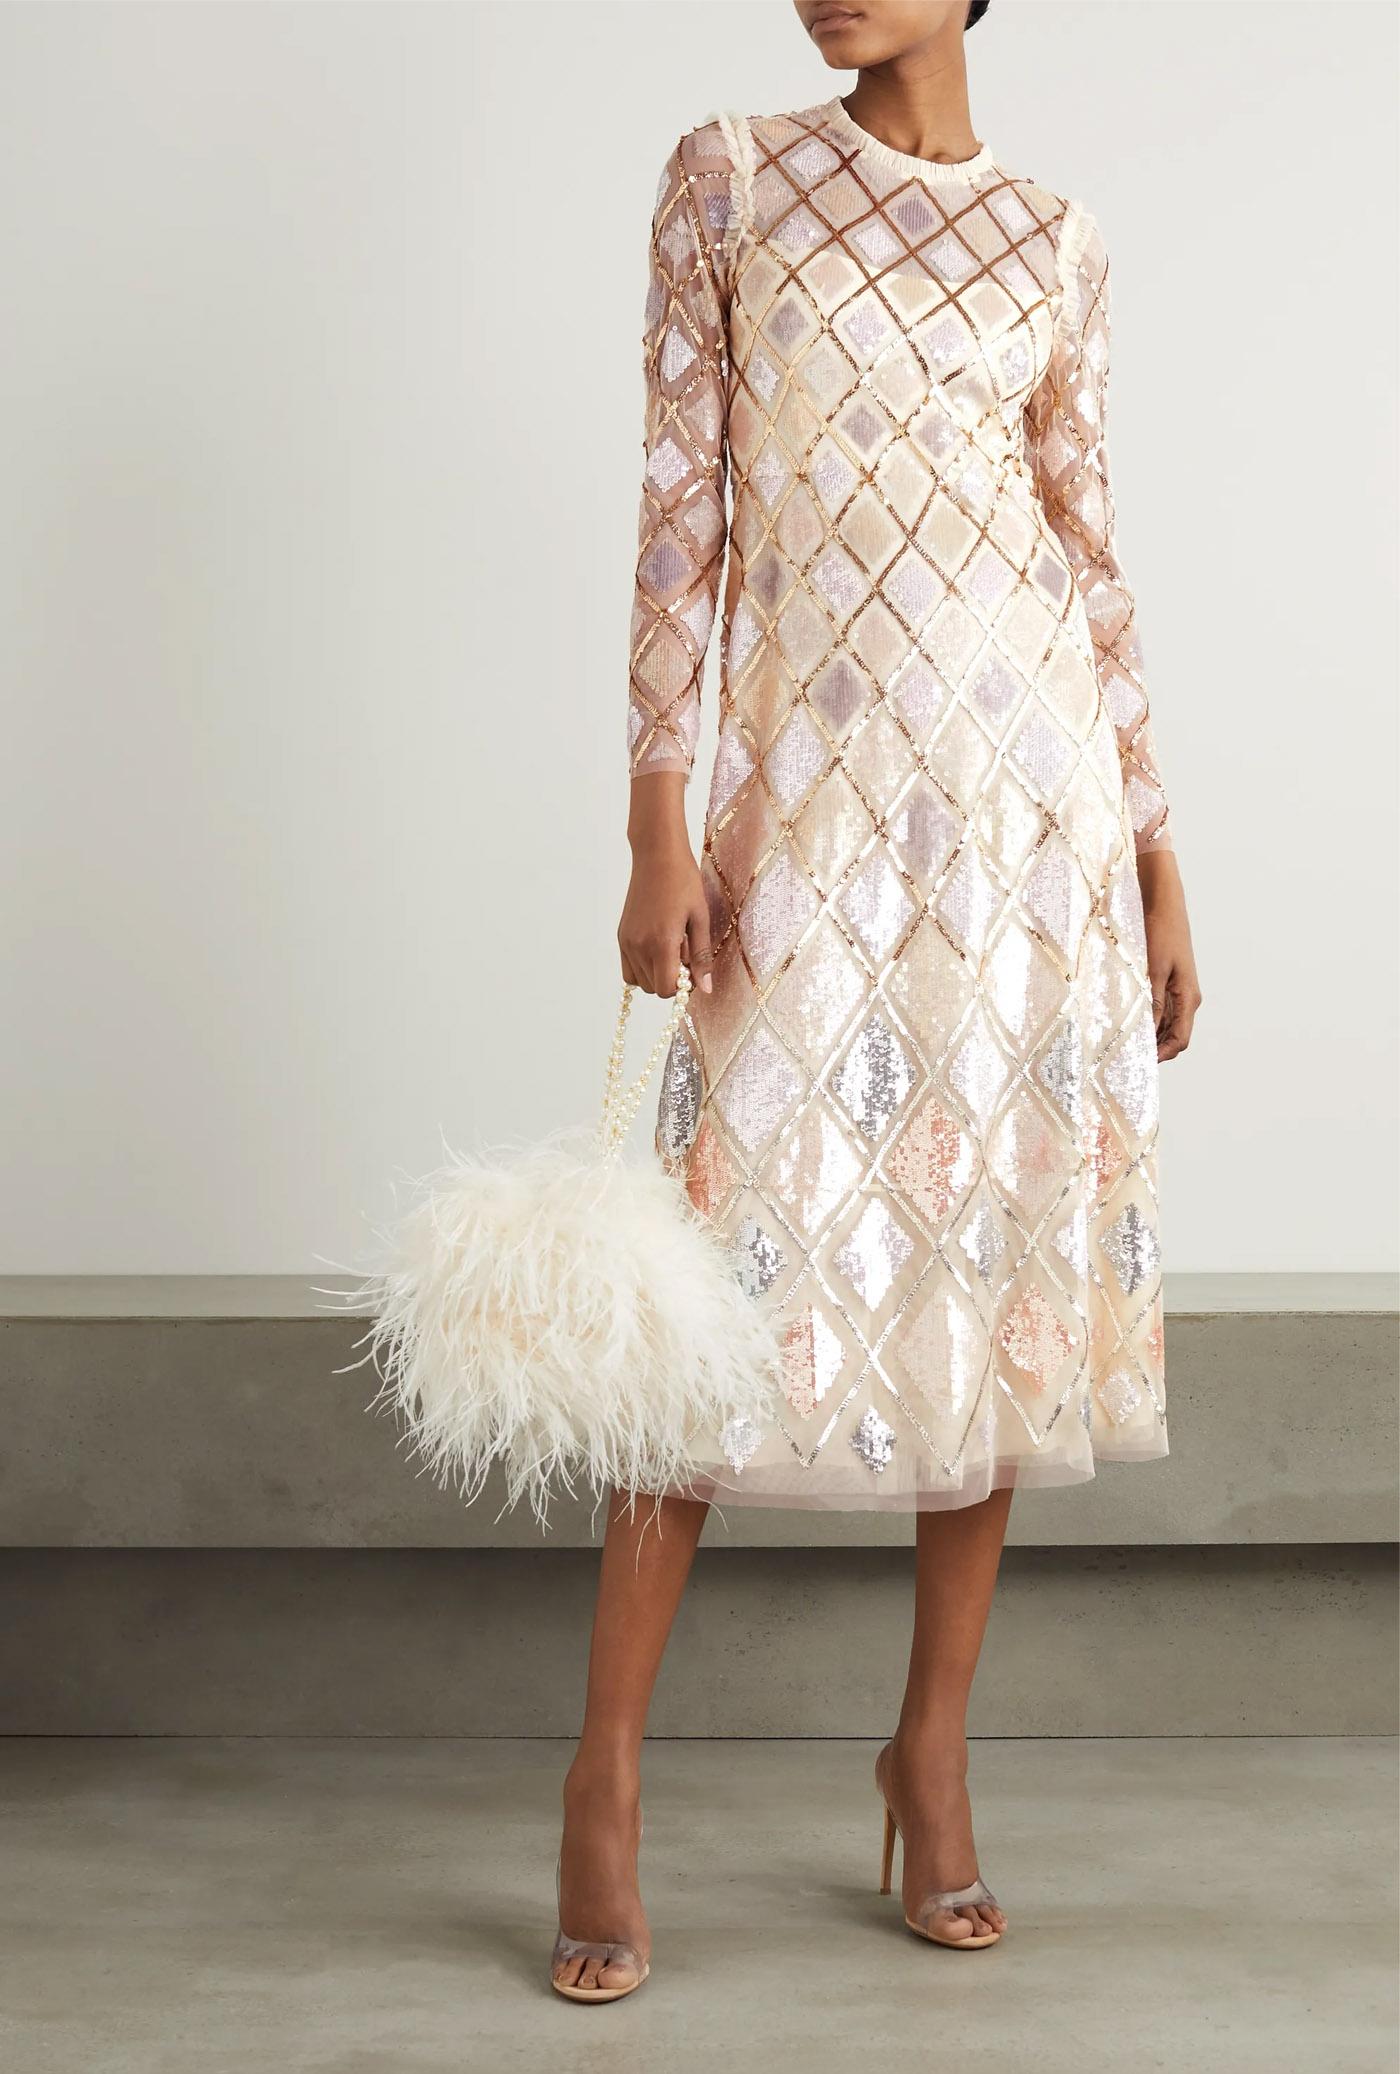 pastelna haljina sa šljokicama